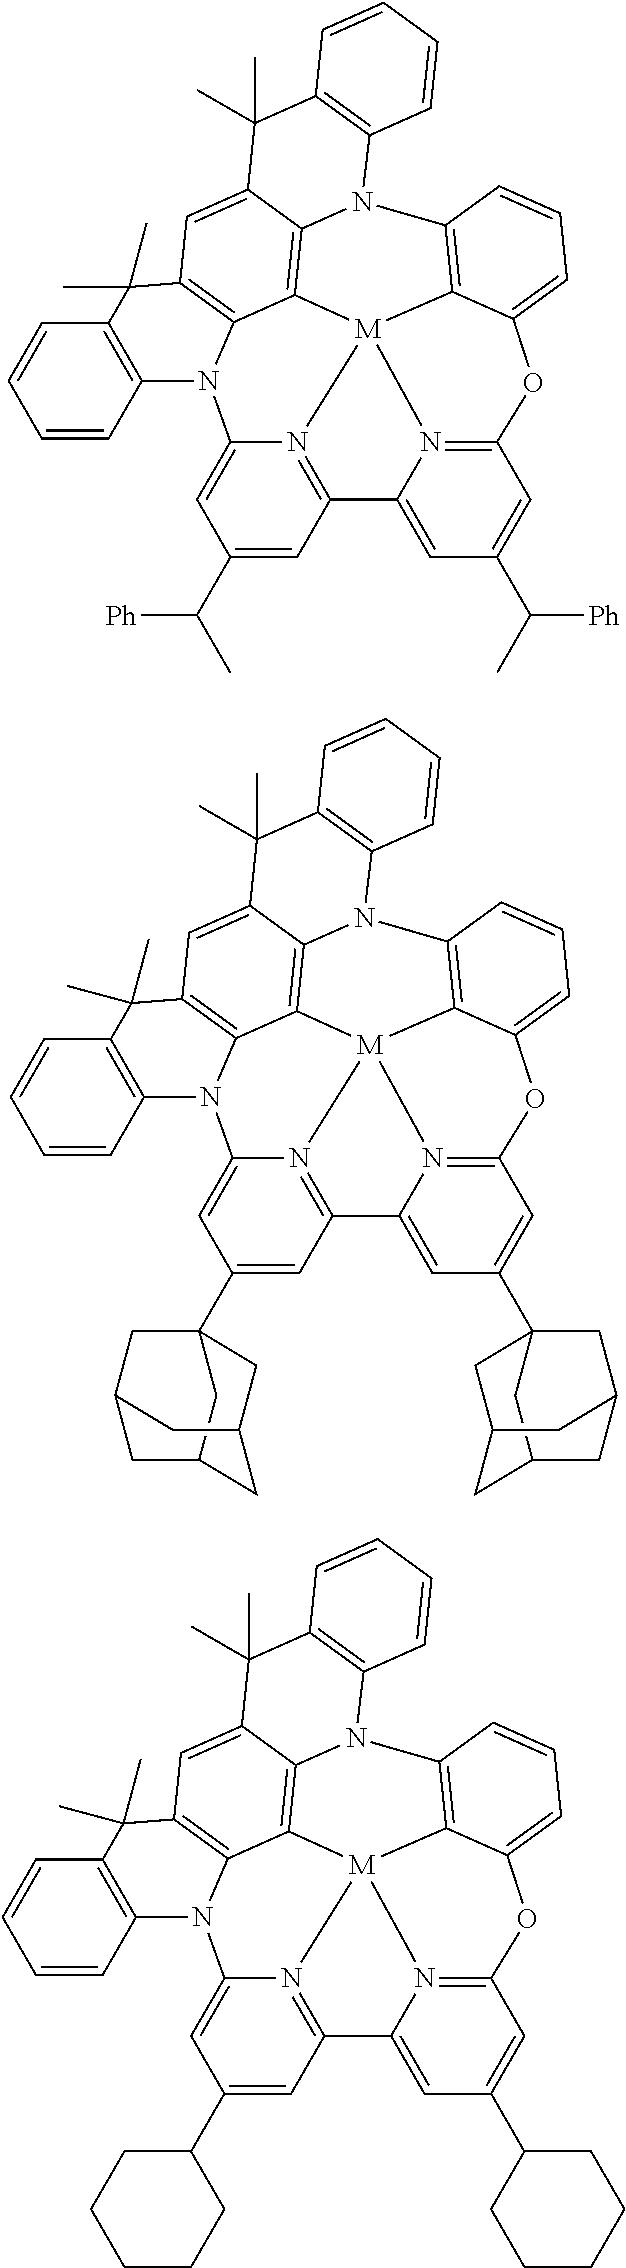 Figure US10158091-20181218-C00221